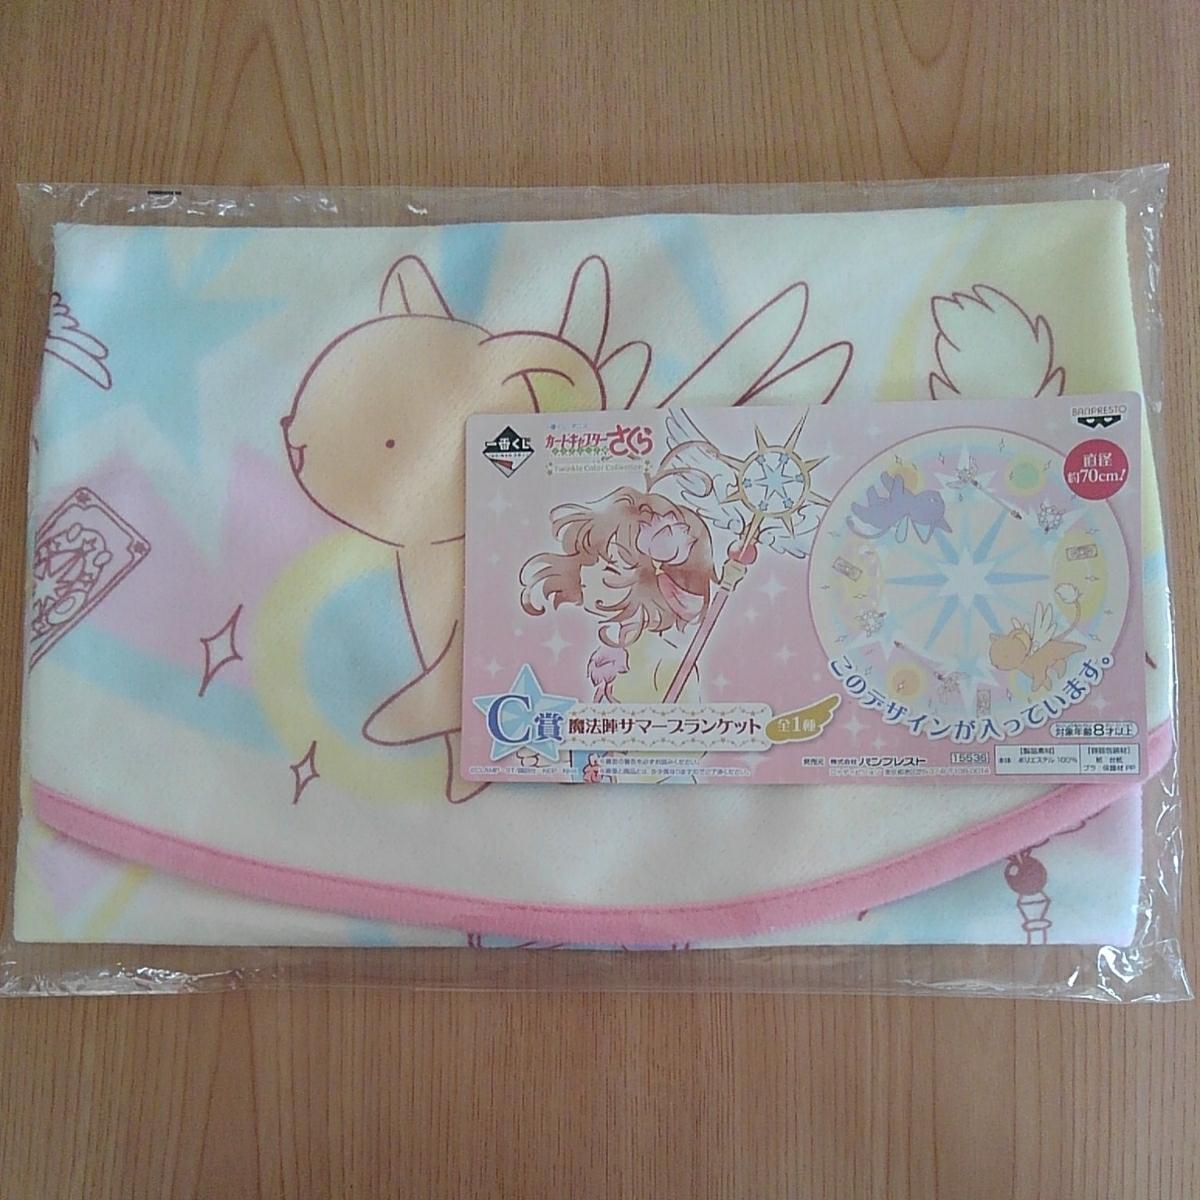 ◆一番くじ カードキャプターさくら クリアカード編 Twinkle Color Collection C賞:魔方陣サマーブランケット 新品未開封◆_画像1